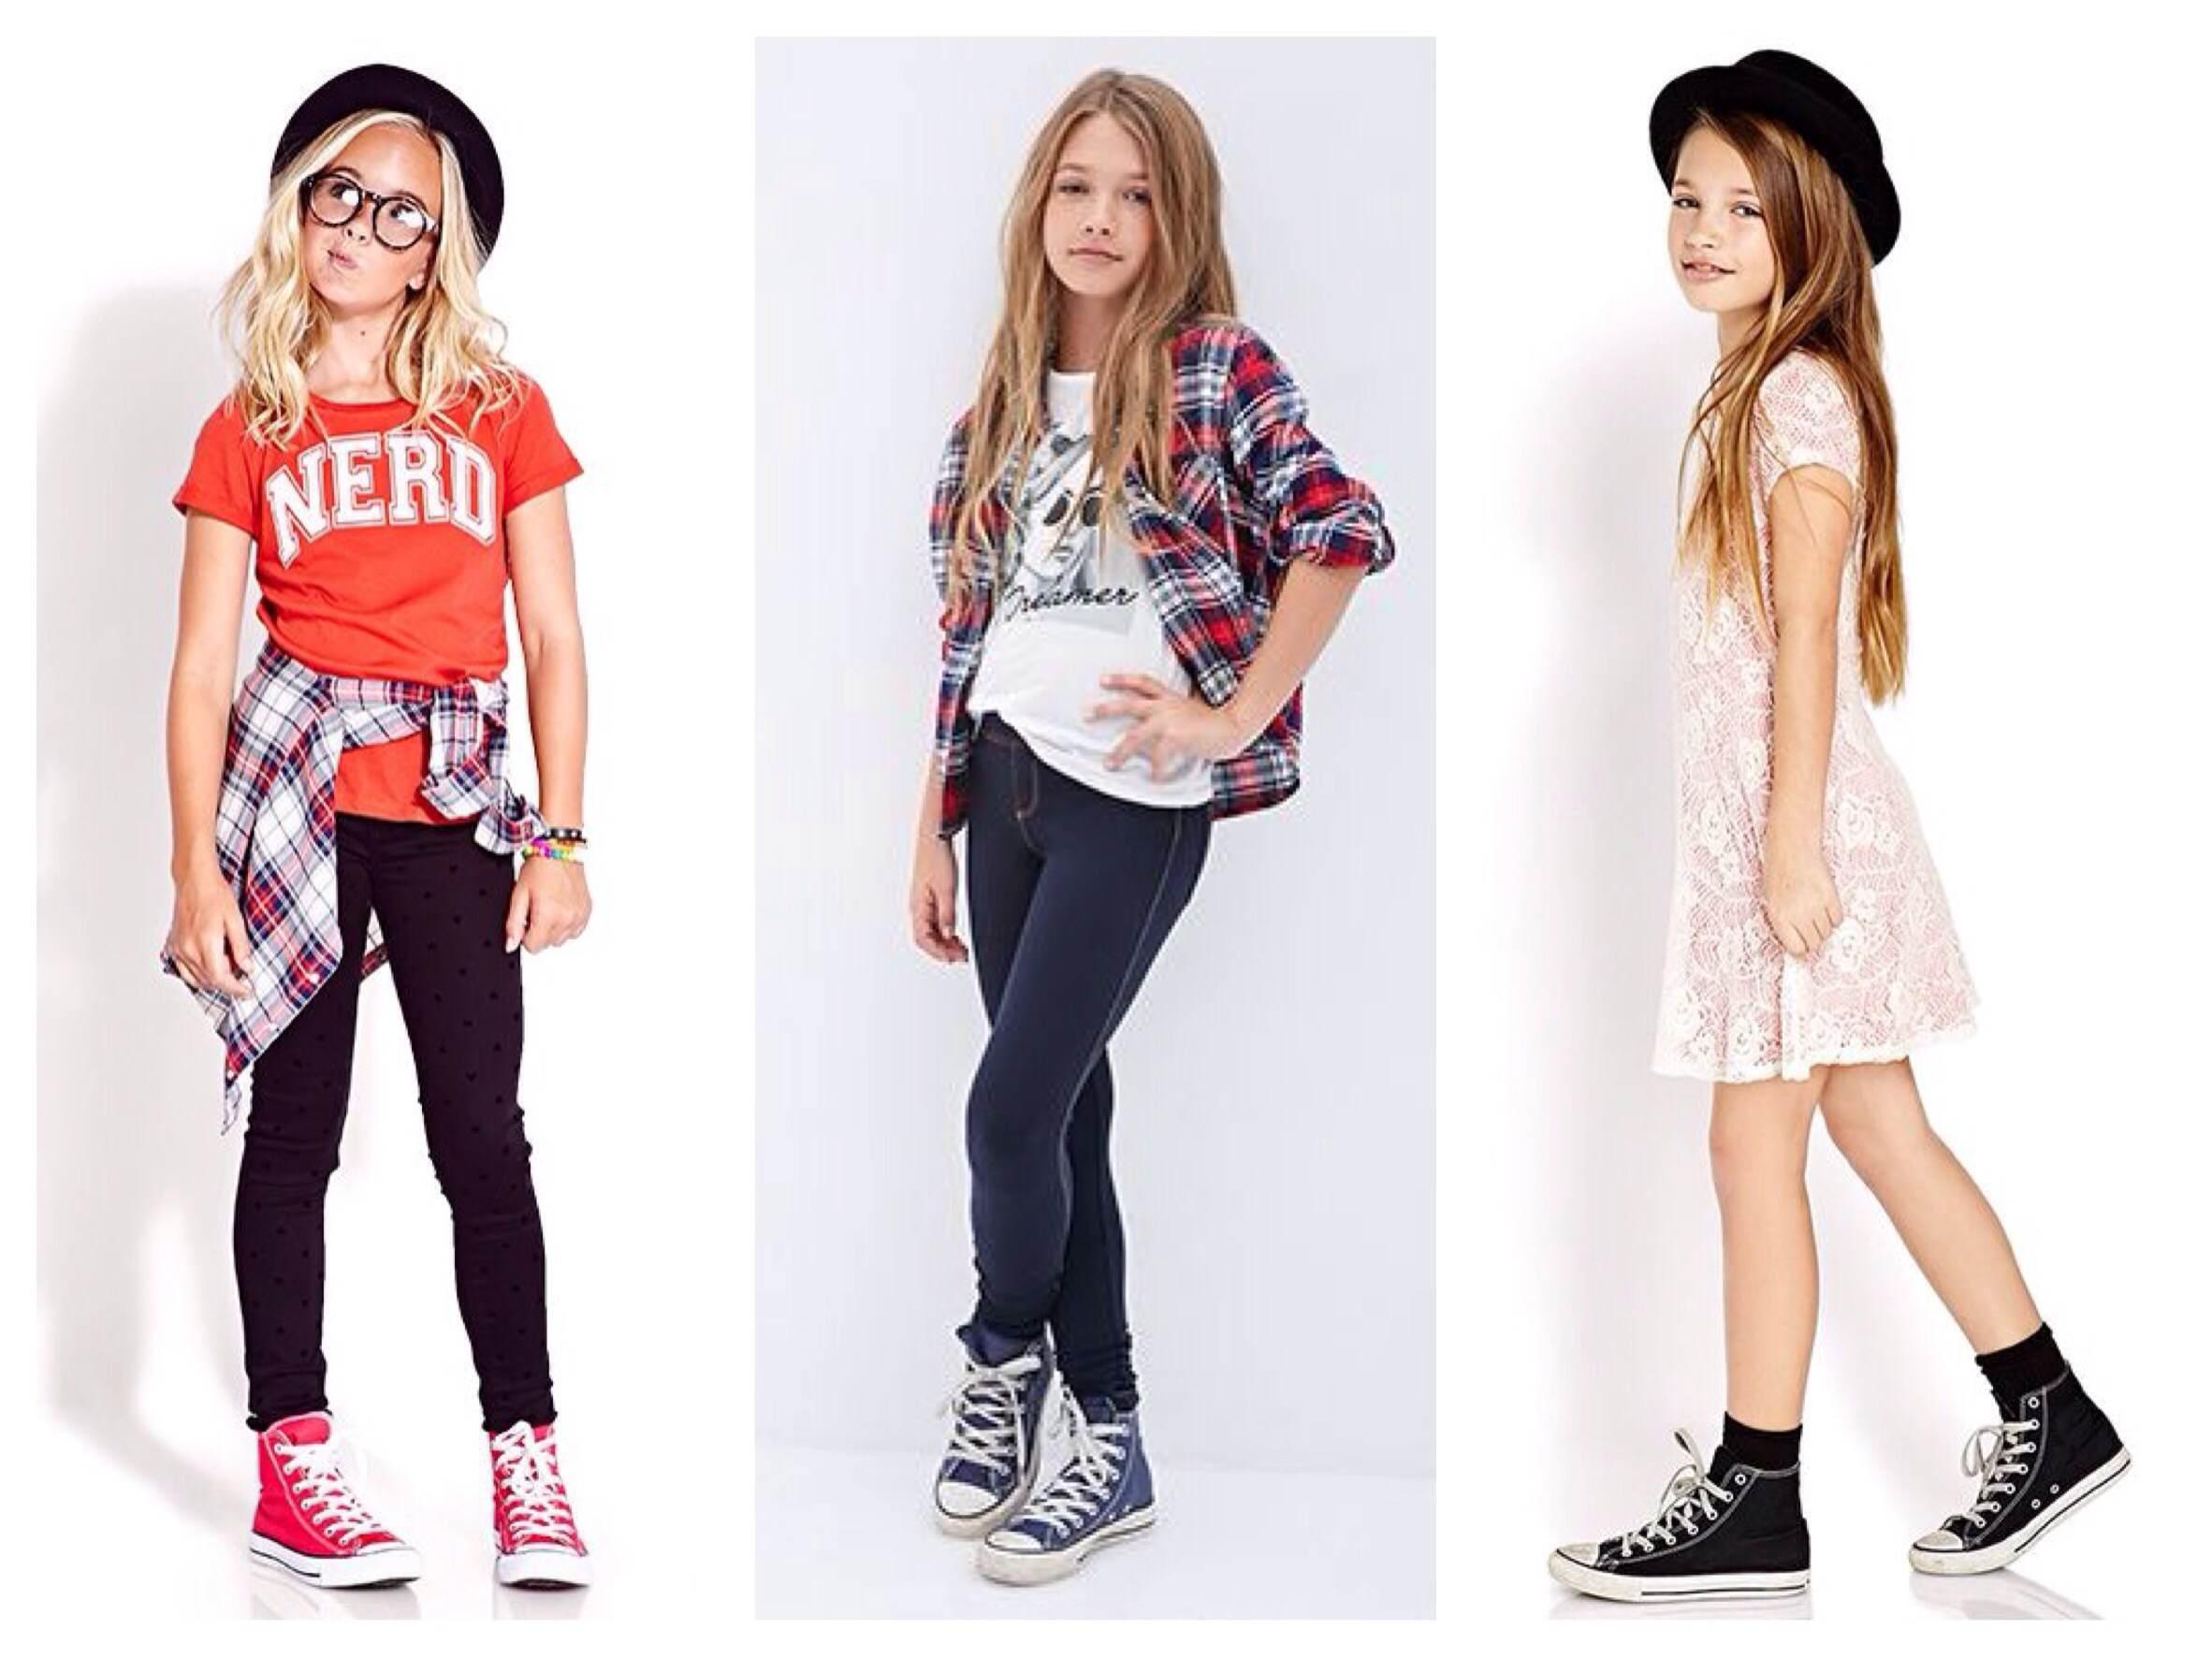 db3c4e2d5e4c8 Мода для подростков 2019-2020: весенняя, летняя, осенняя и зимняя ...